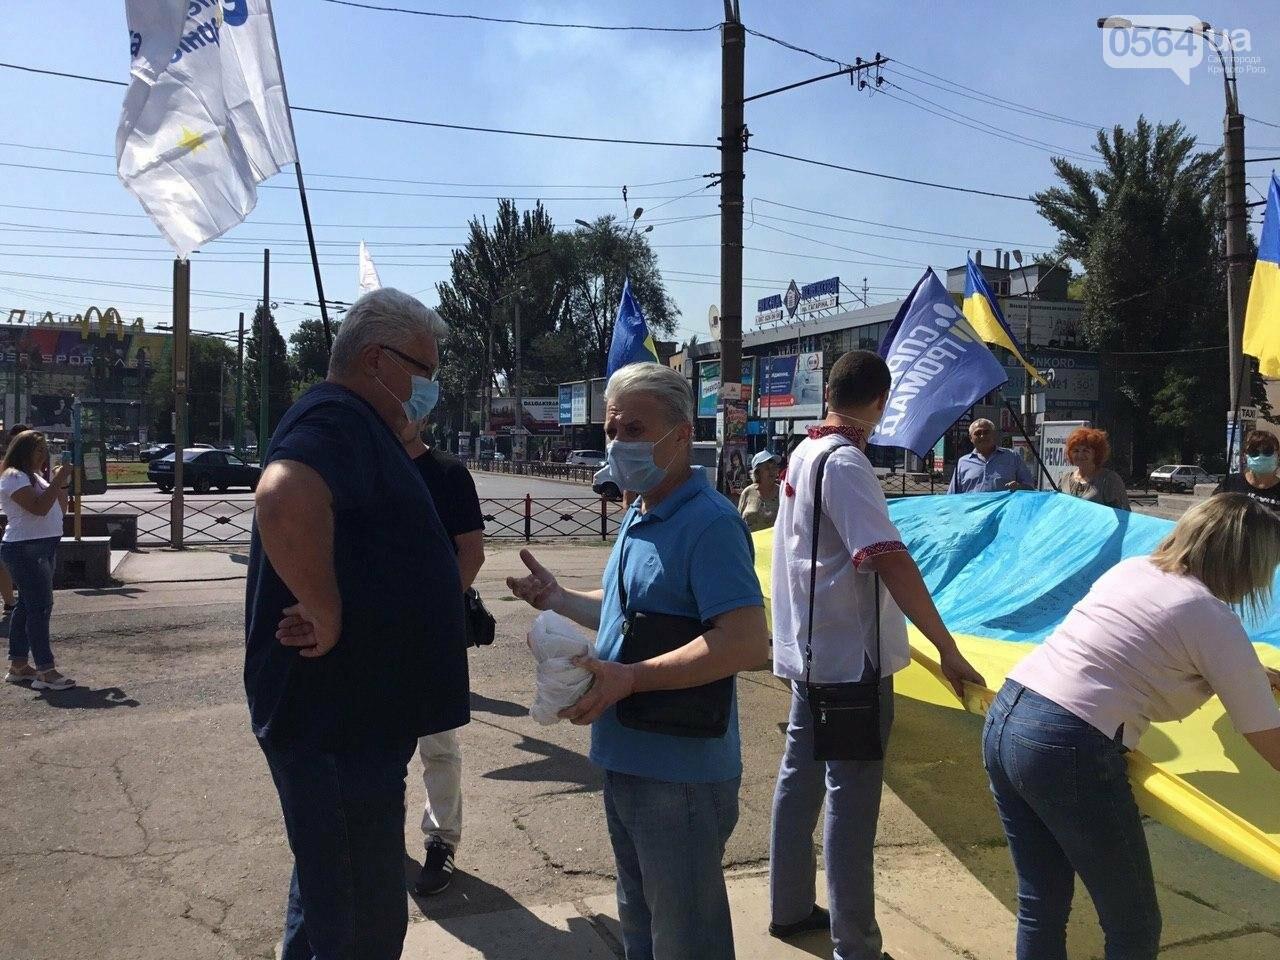 """""""Українці - брати, Разом ми - сила!"""", - какие пожелания и призывы написали криворожане на Знамени Единства, - ФОТО, ВИДЕО, фото-33"""